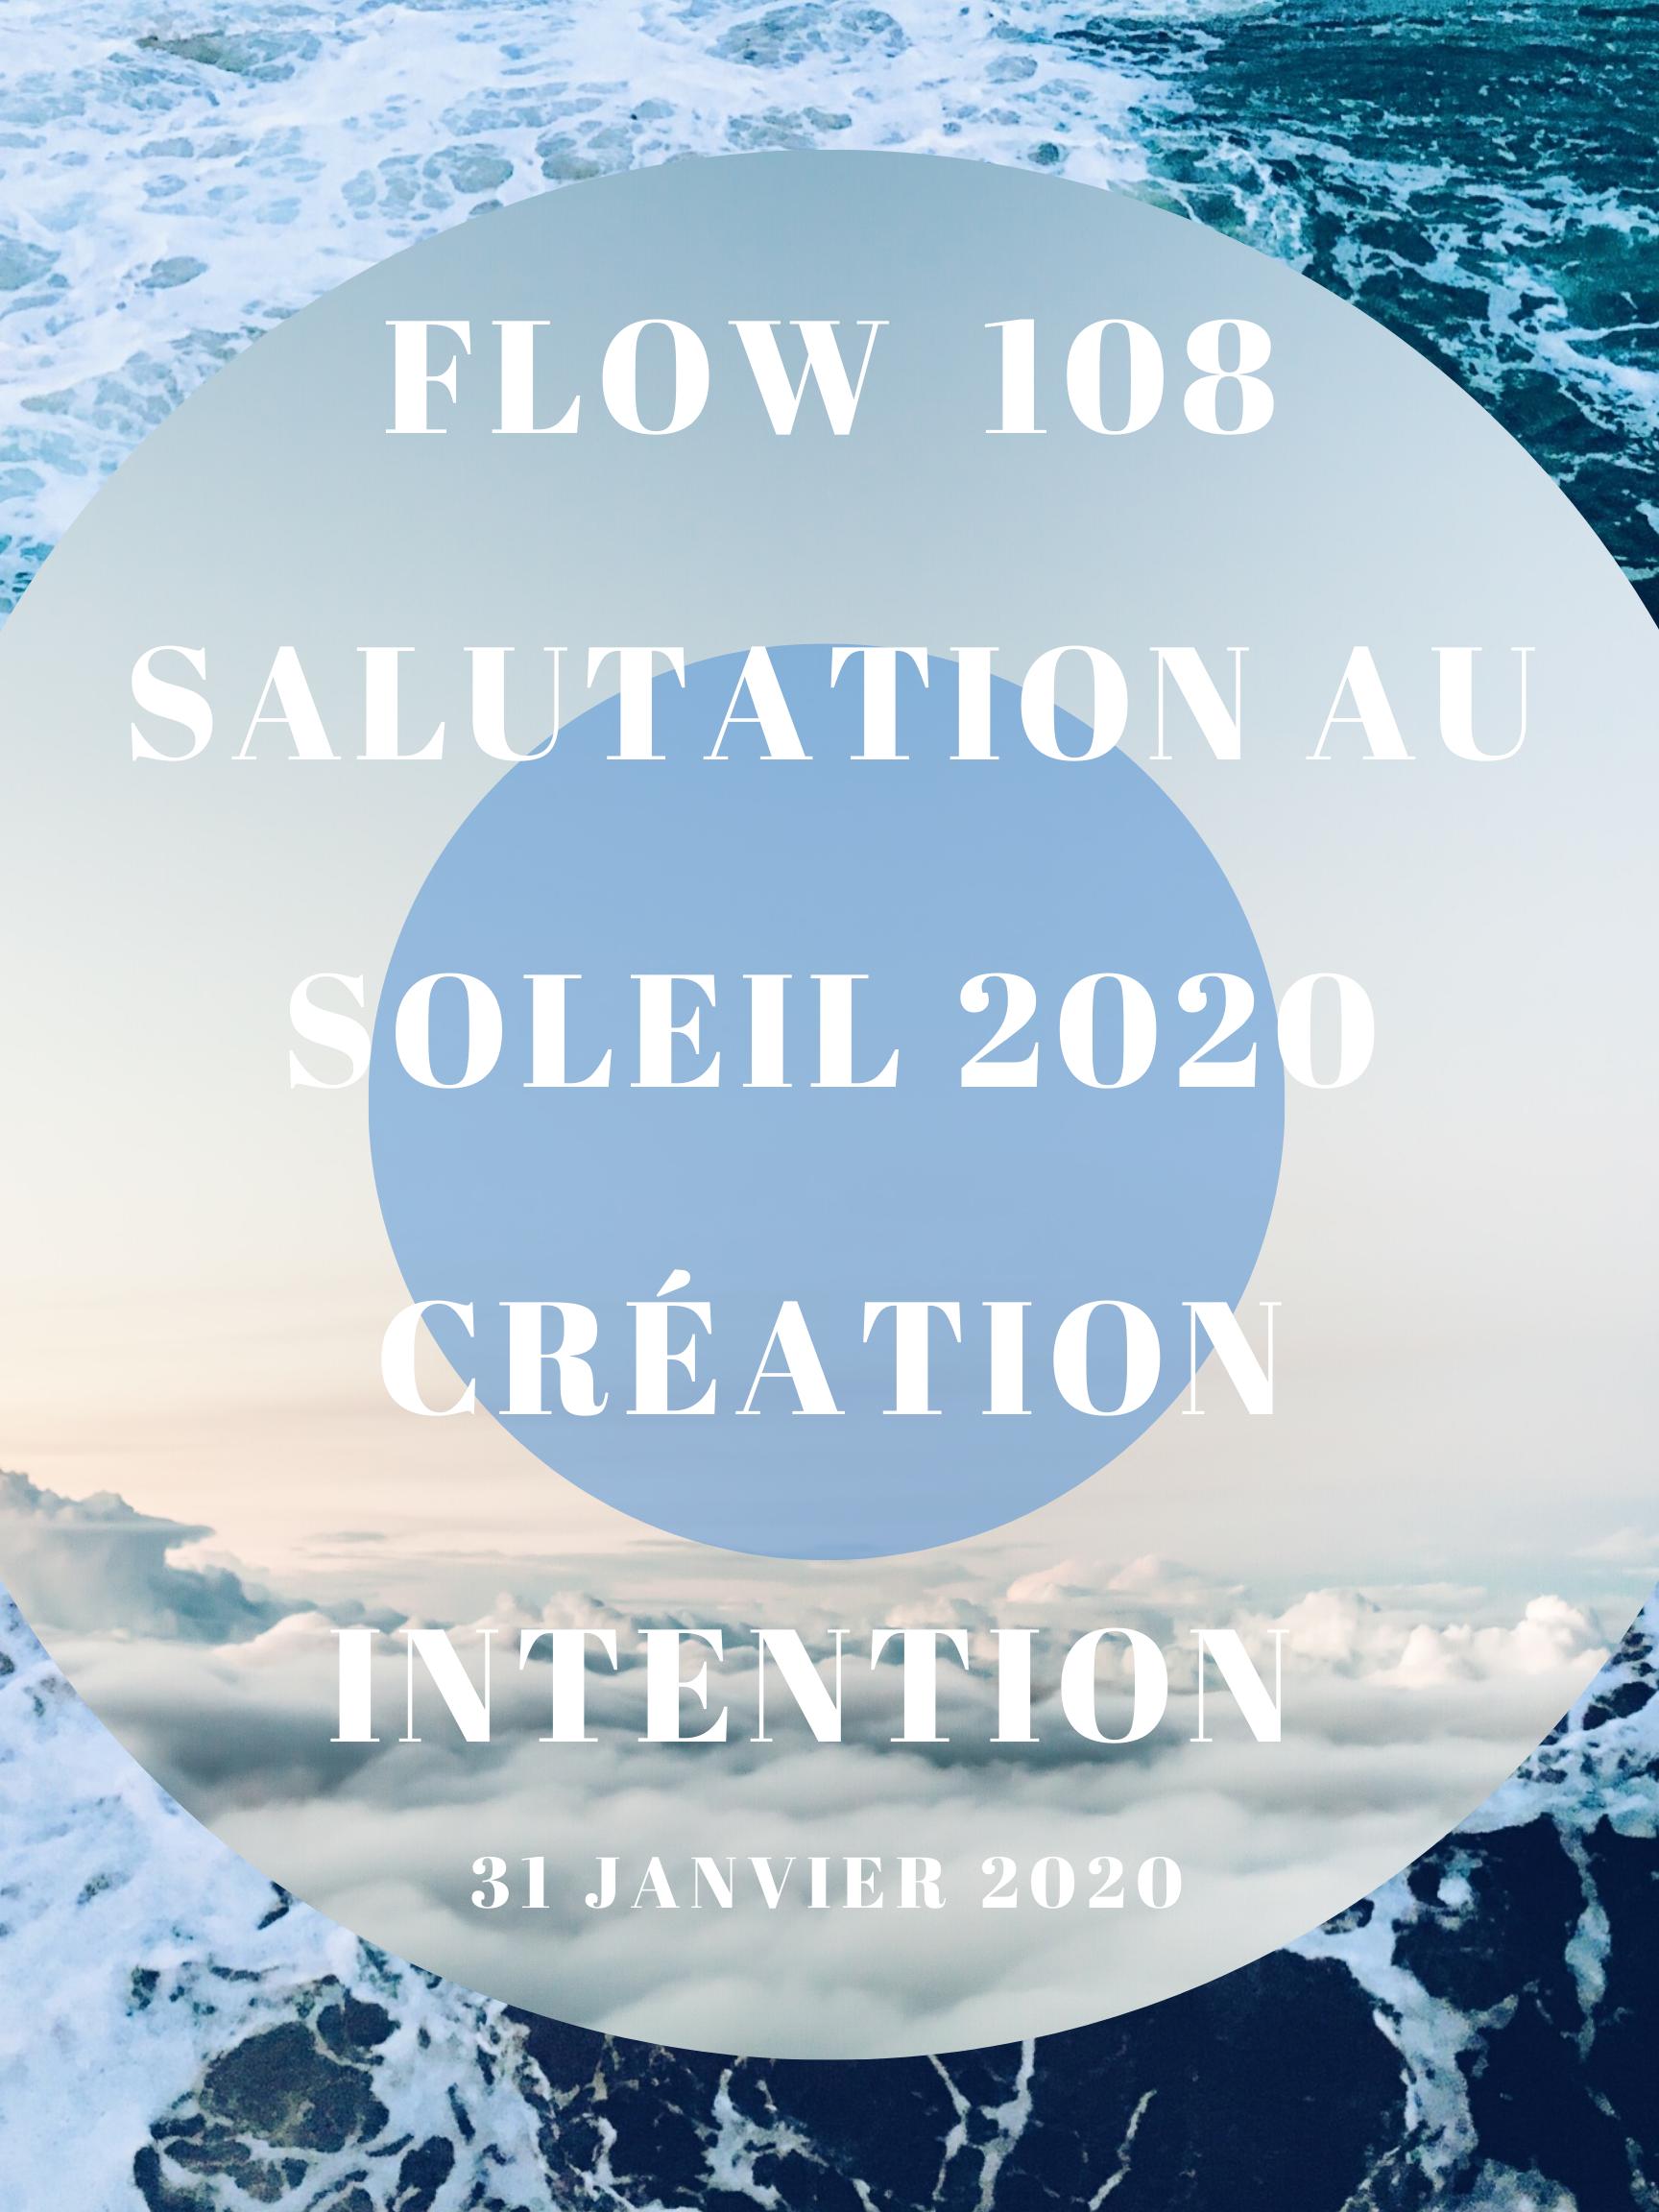 108 Salutation au soleil pour commencer la nouvelle année avec intention